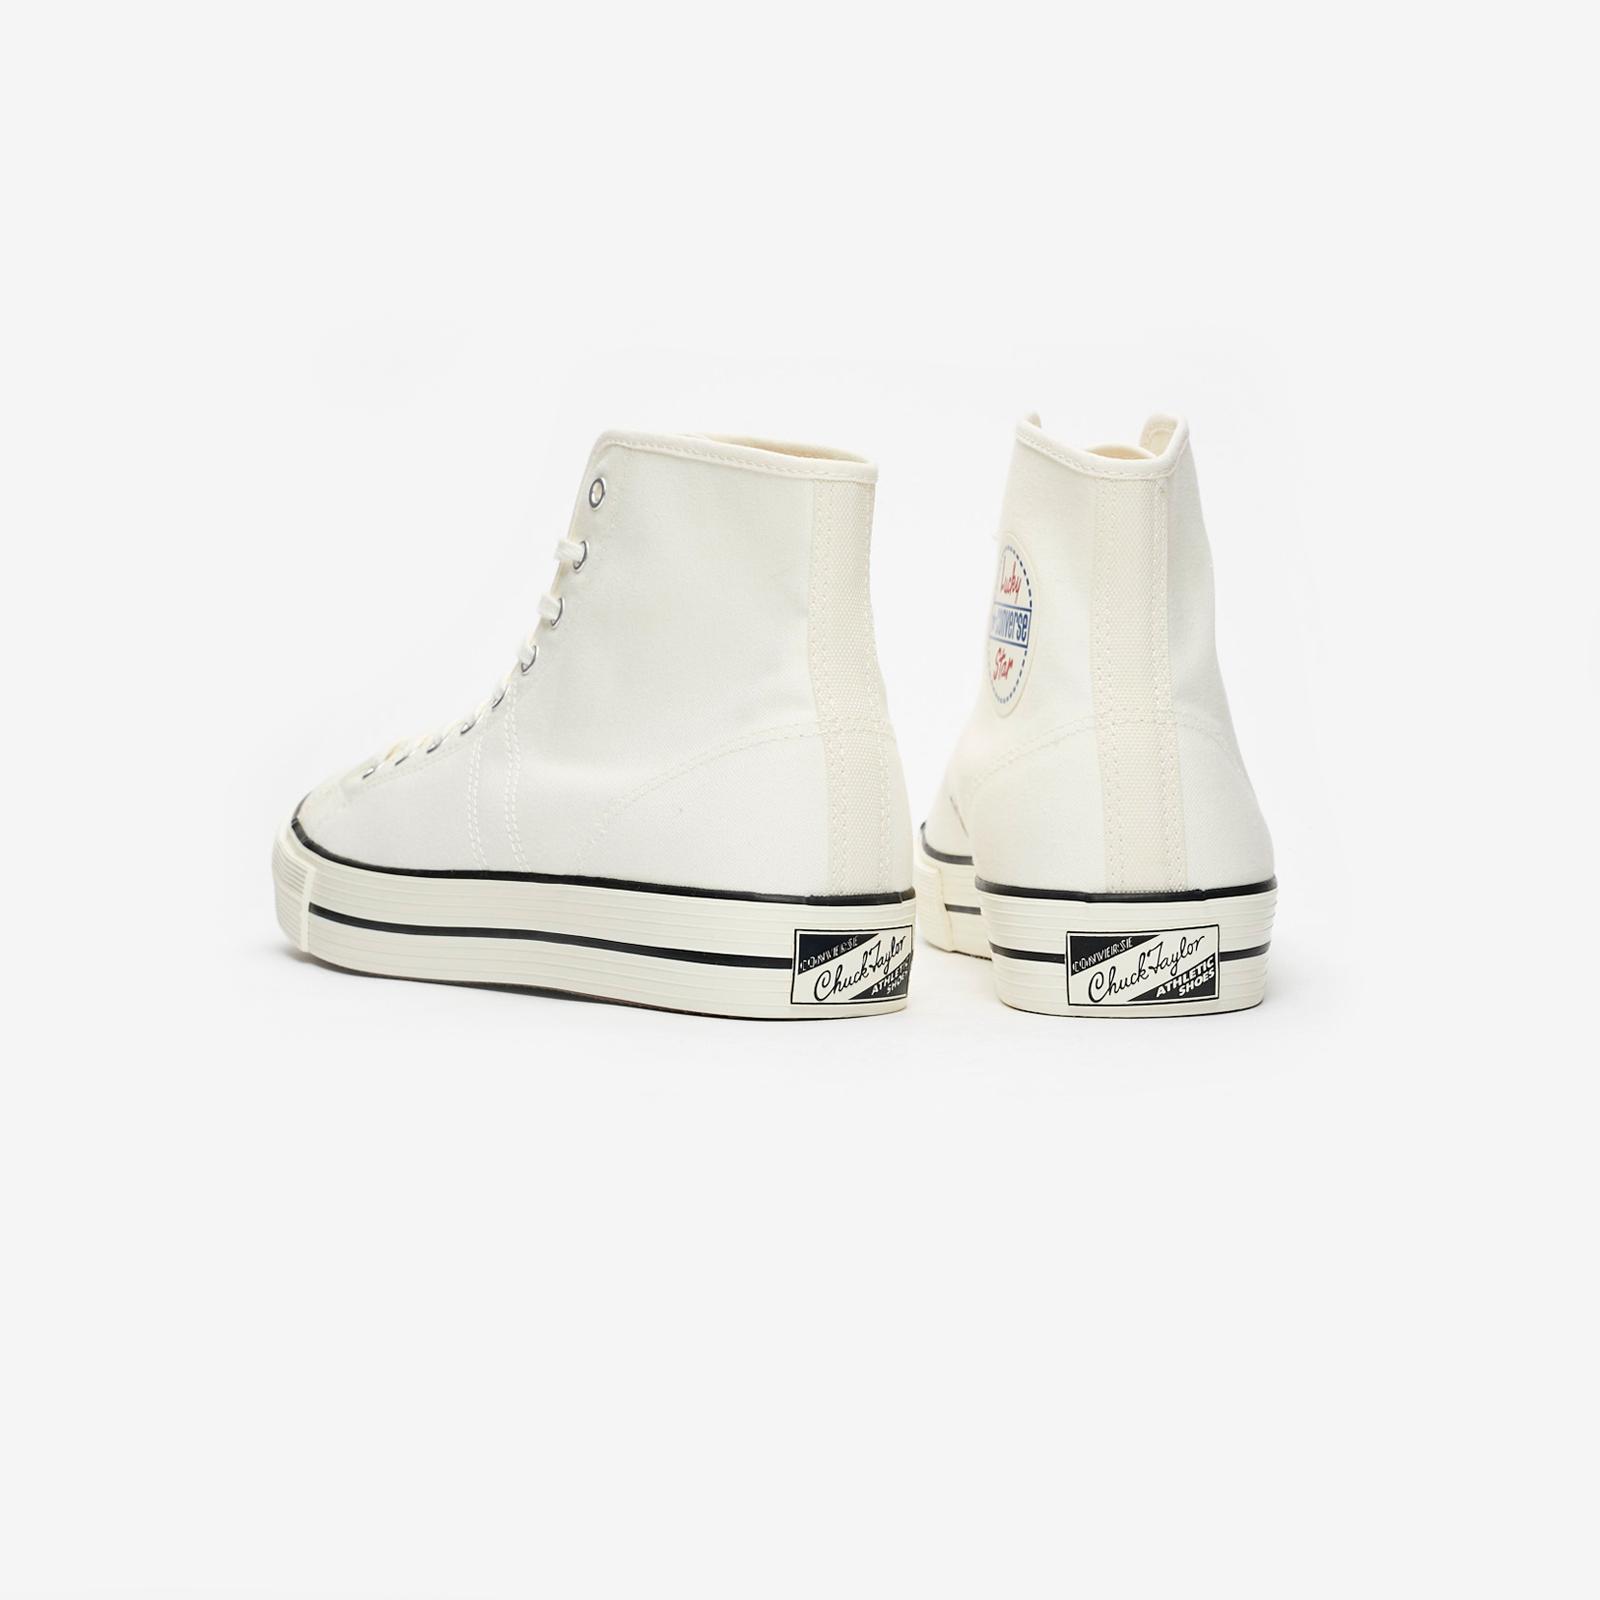 d66e4222622 Converse Lucky Star - 163158c - Sneakersnstuff